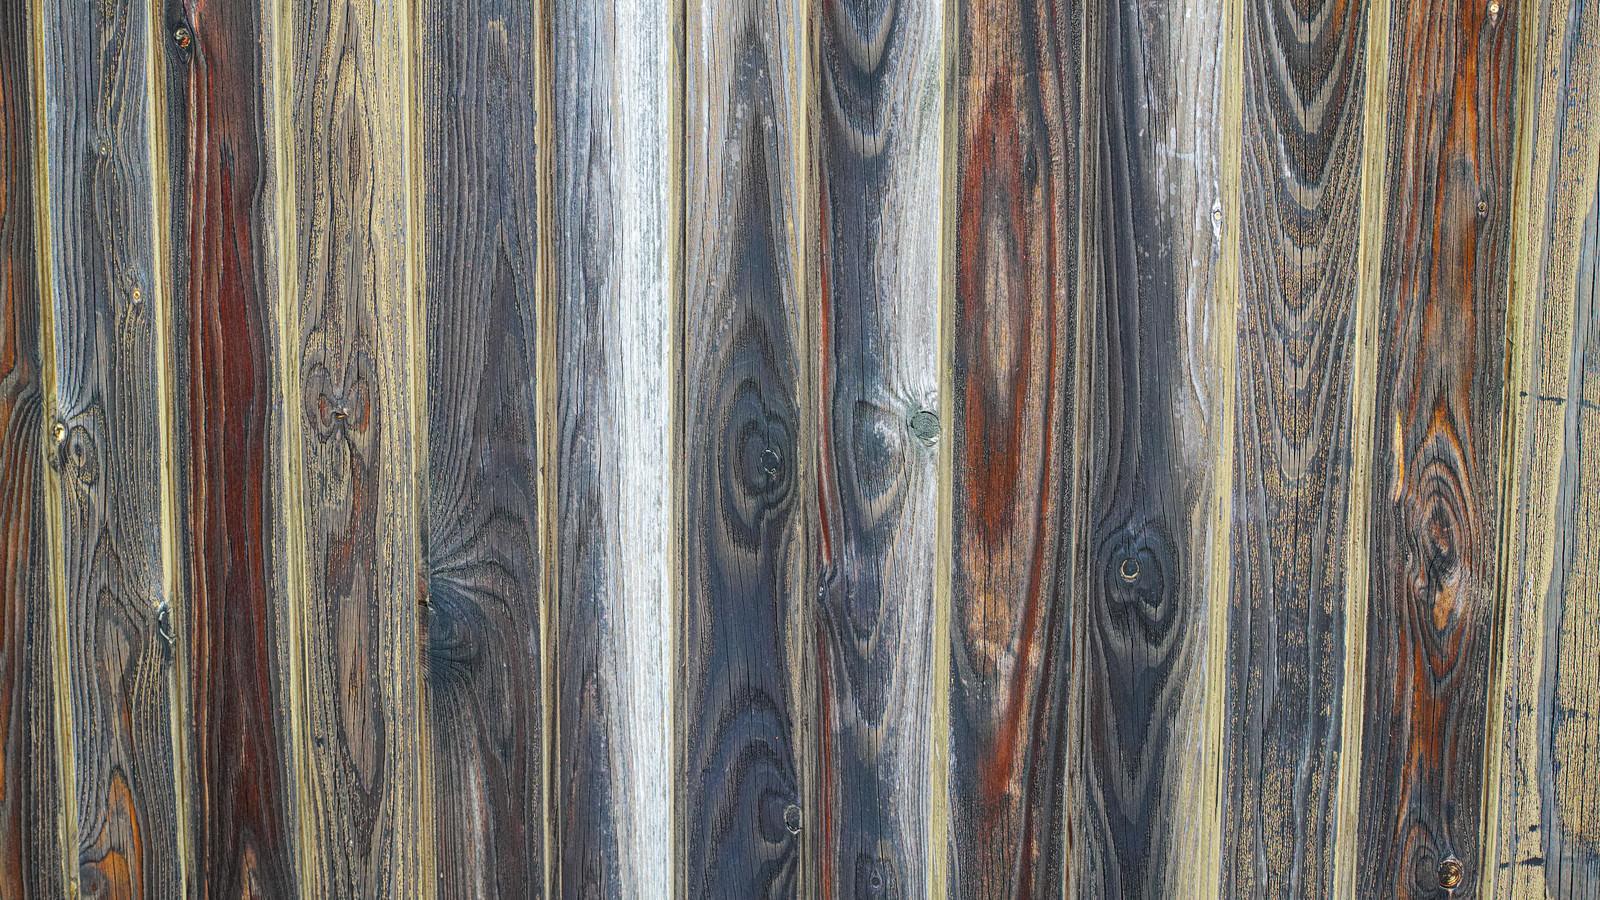 「カラフルな木目のテクスチャ」の写真